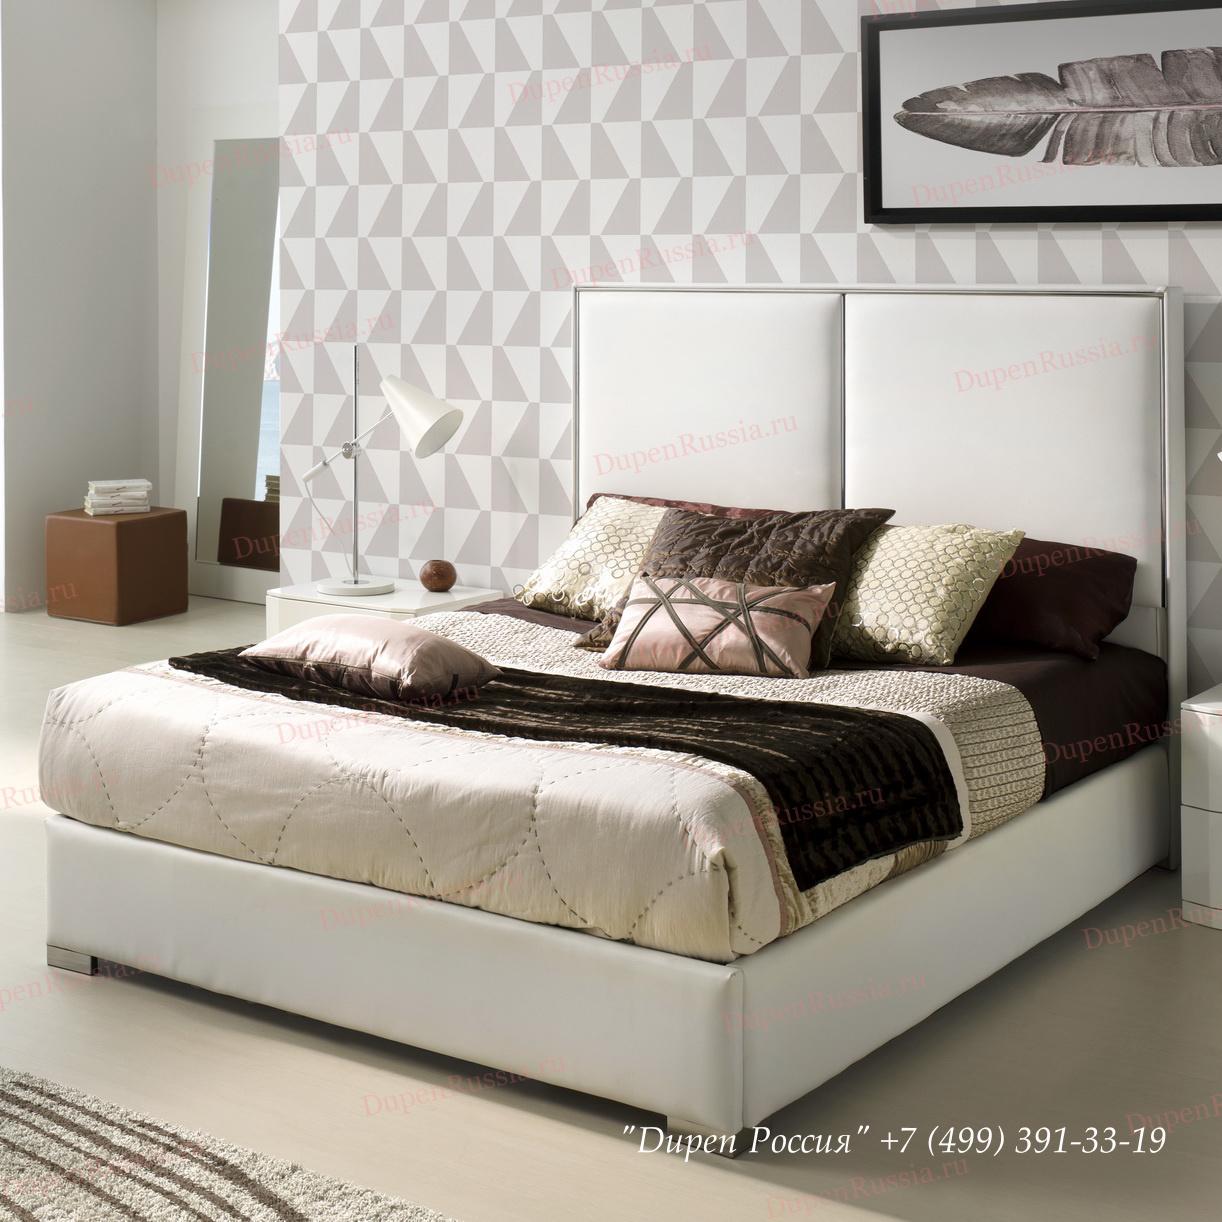 Кровать Dupen (Дюпен) 889 ANDREA